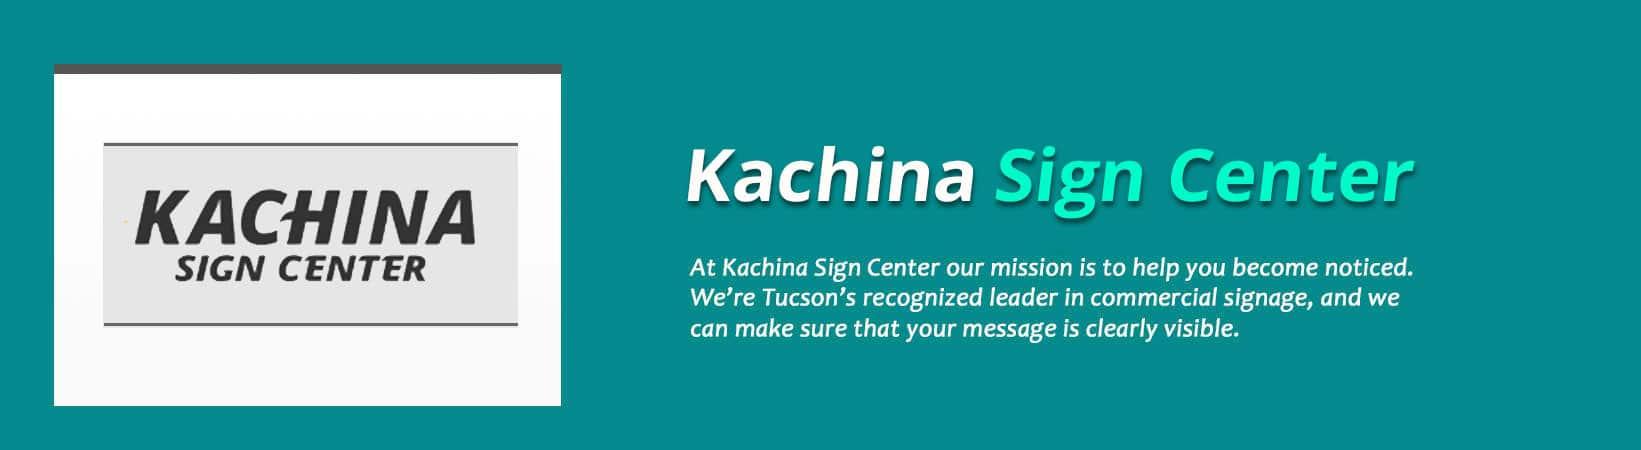 Kachina Sign Center